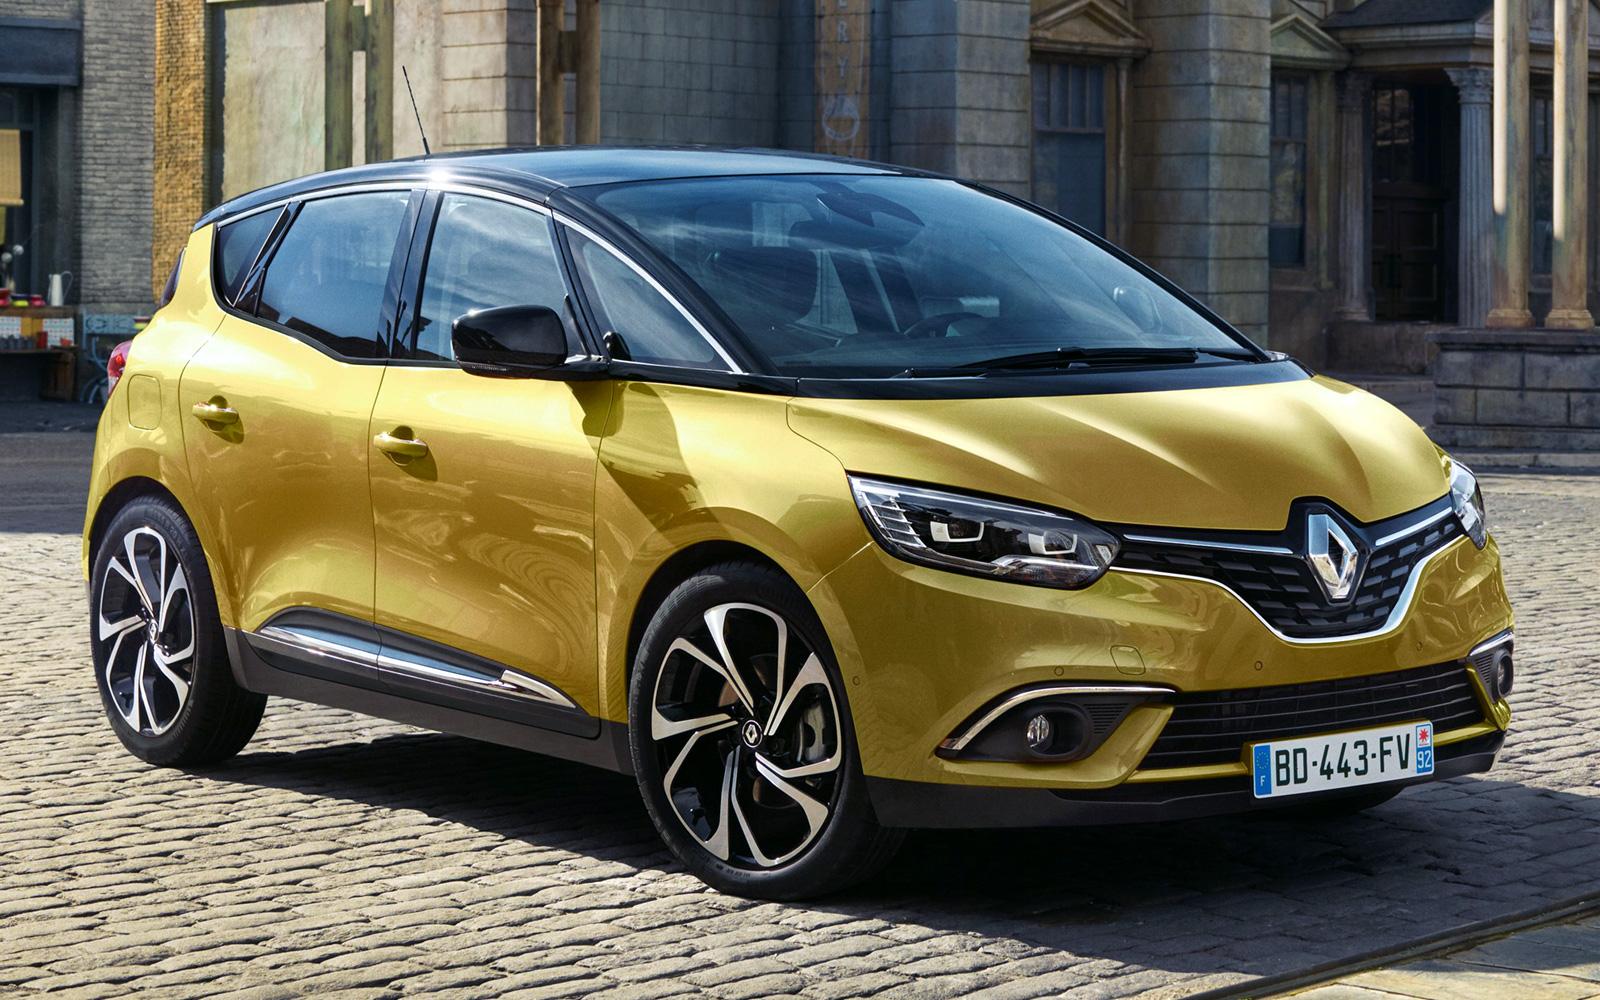 Renault Scenic 4 (2016-2017)